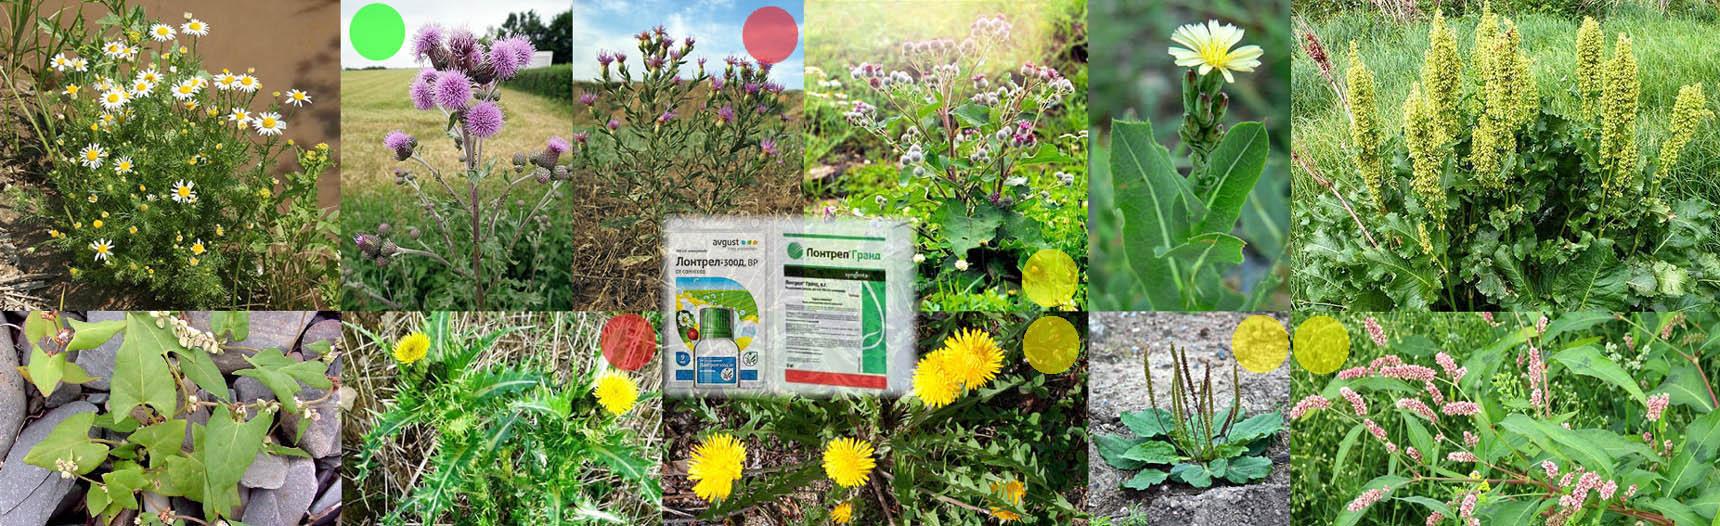 Сорняки, уничтожаемые гербицидом Лонтрел